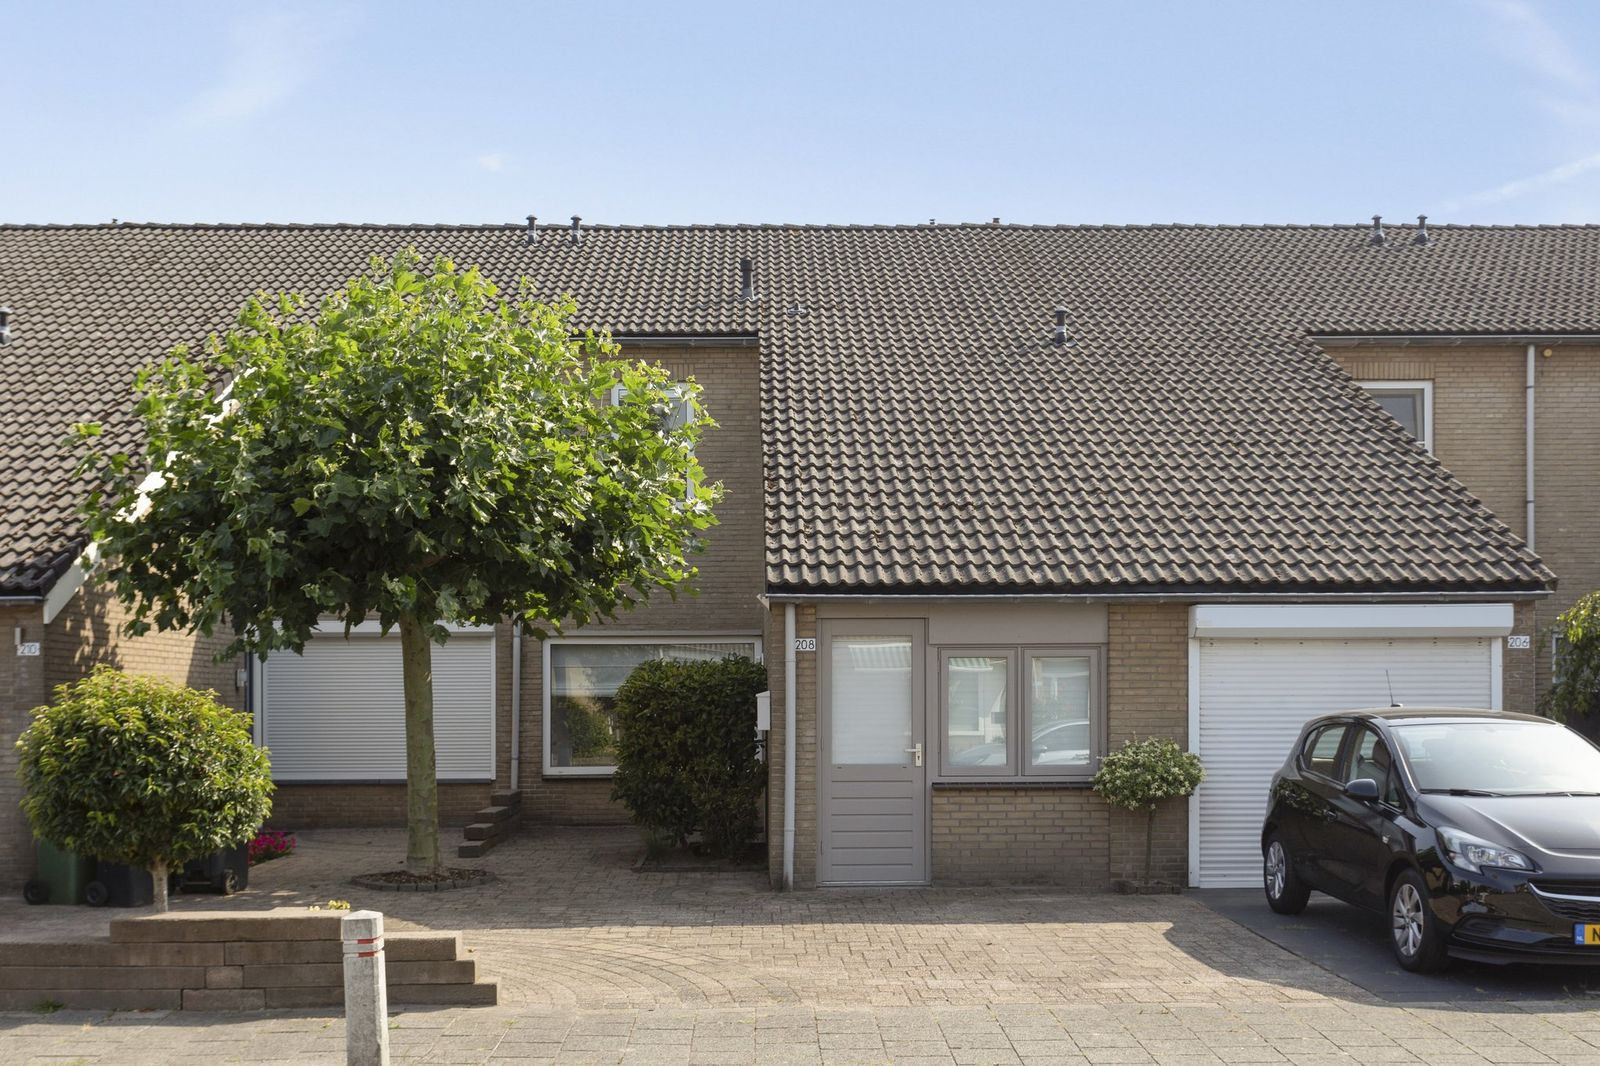 Barietdijk 208, Roosendaal